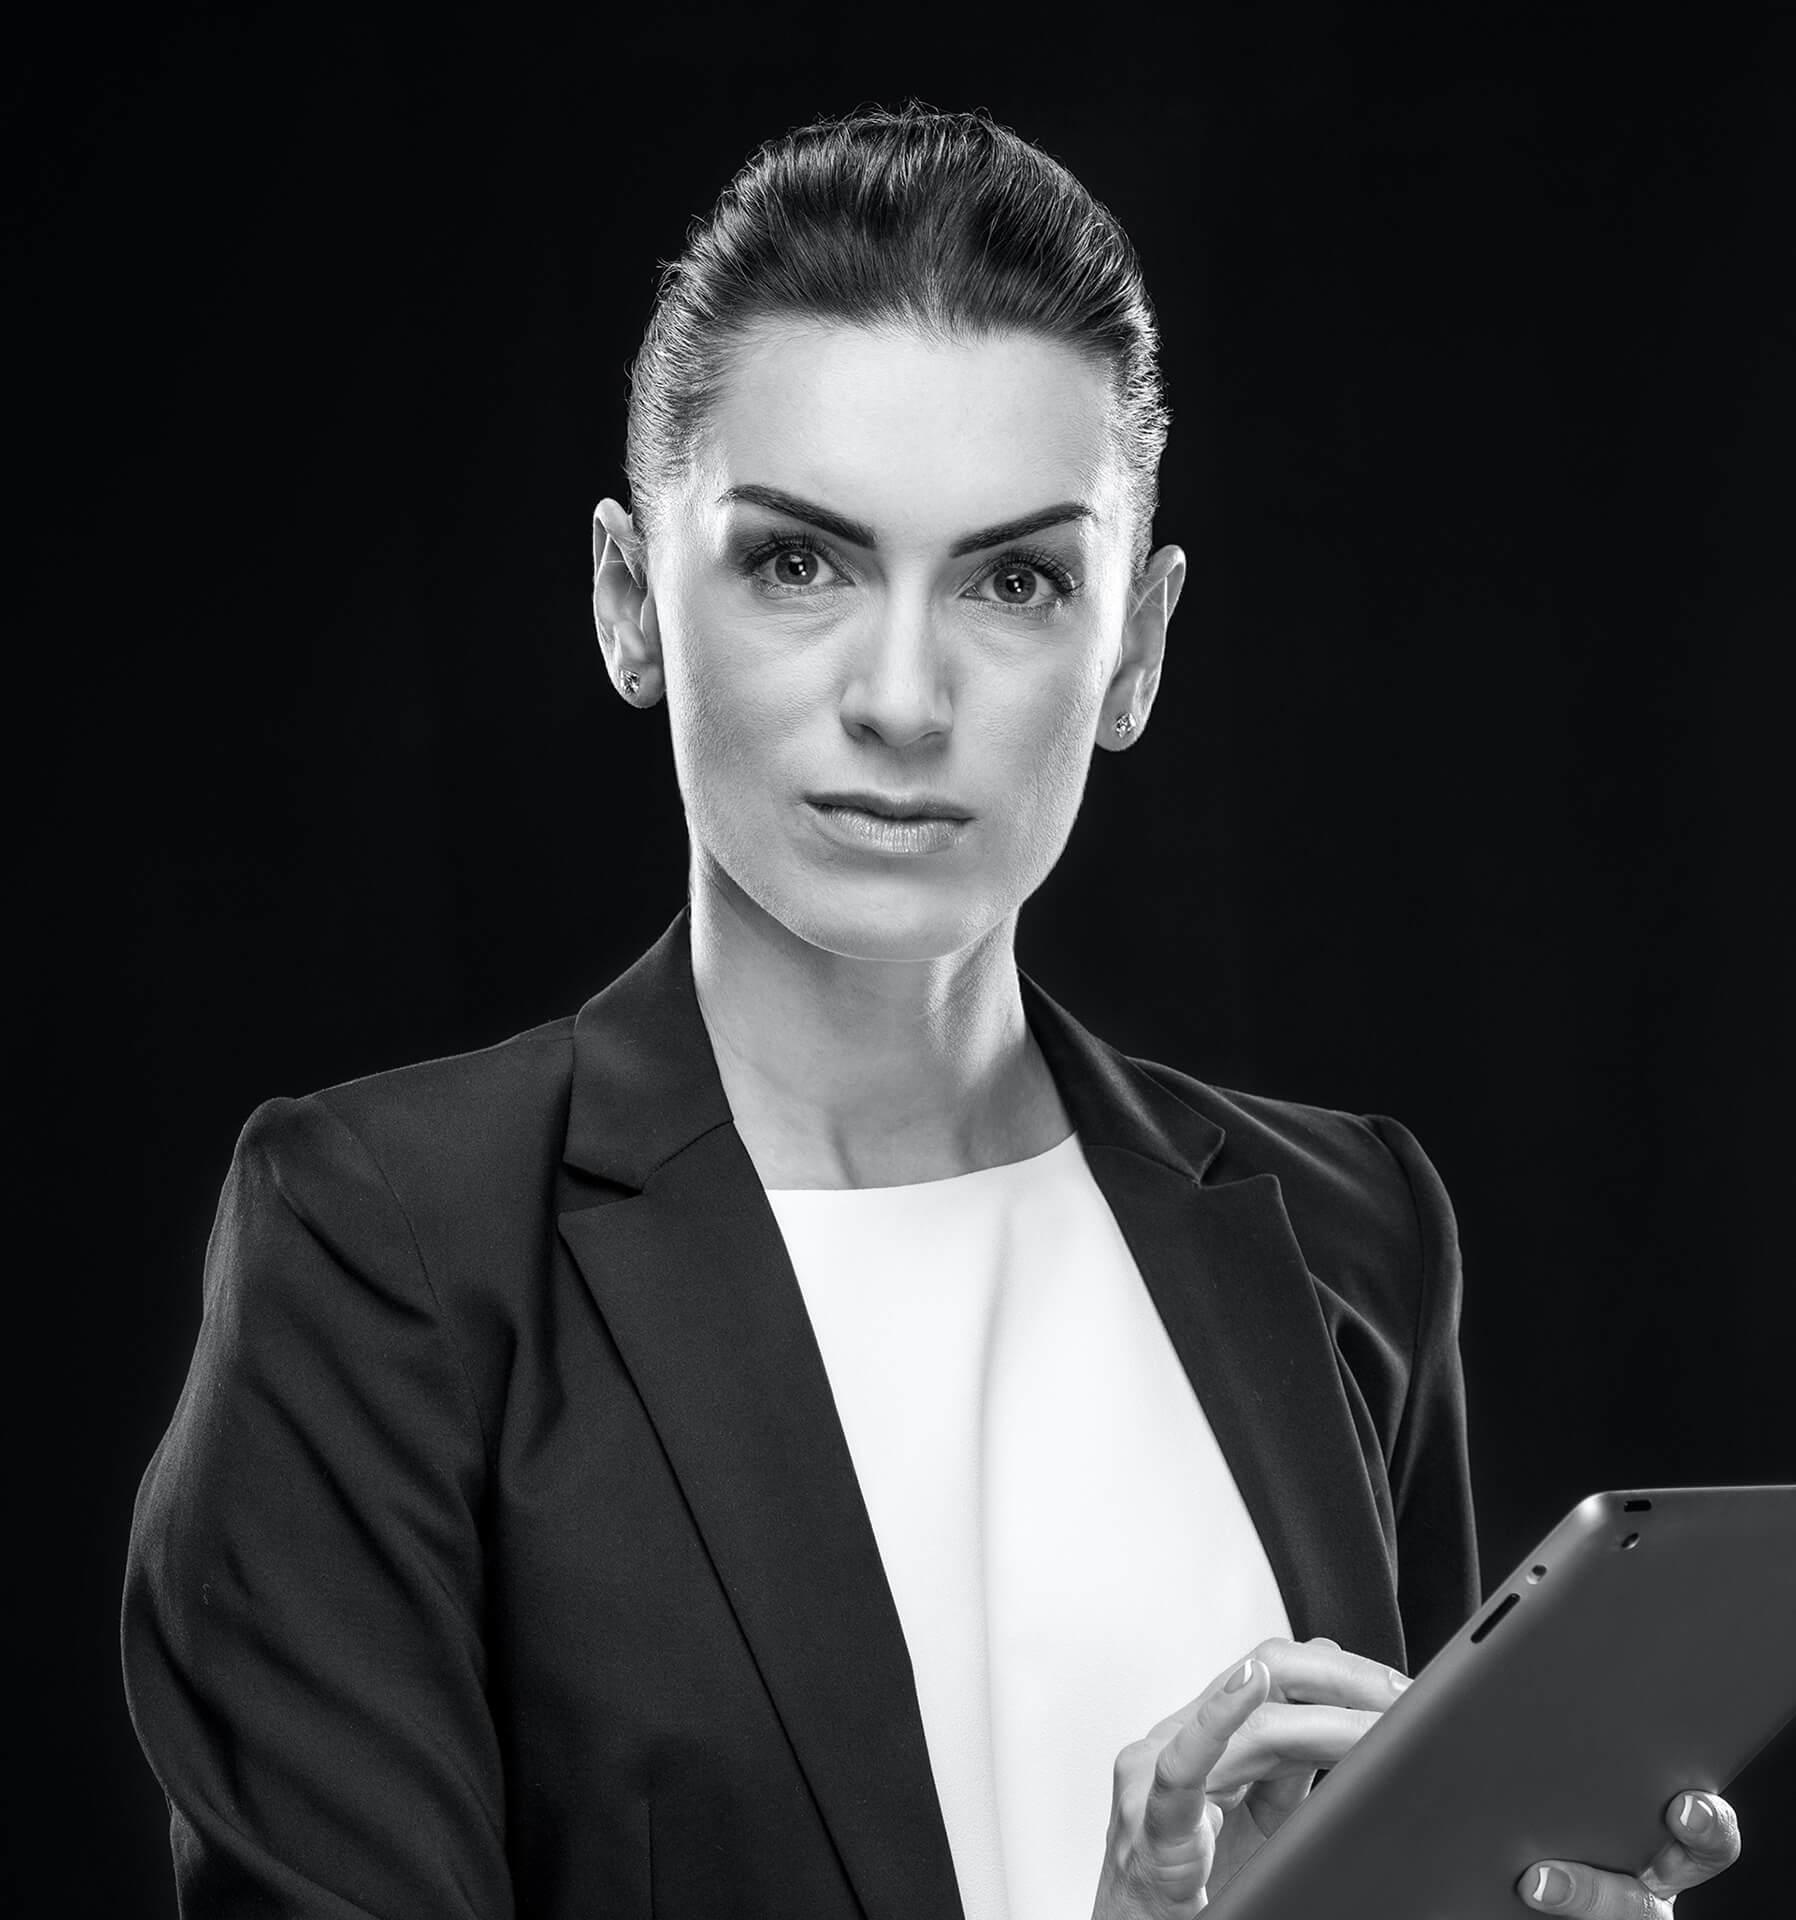 Samantha Ford